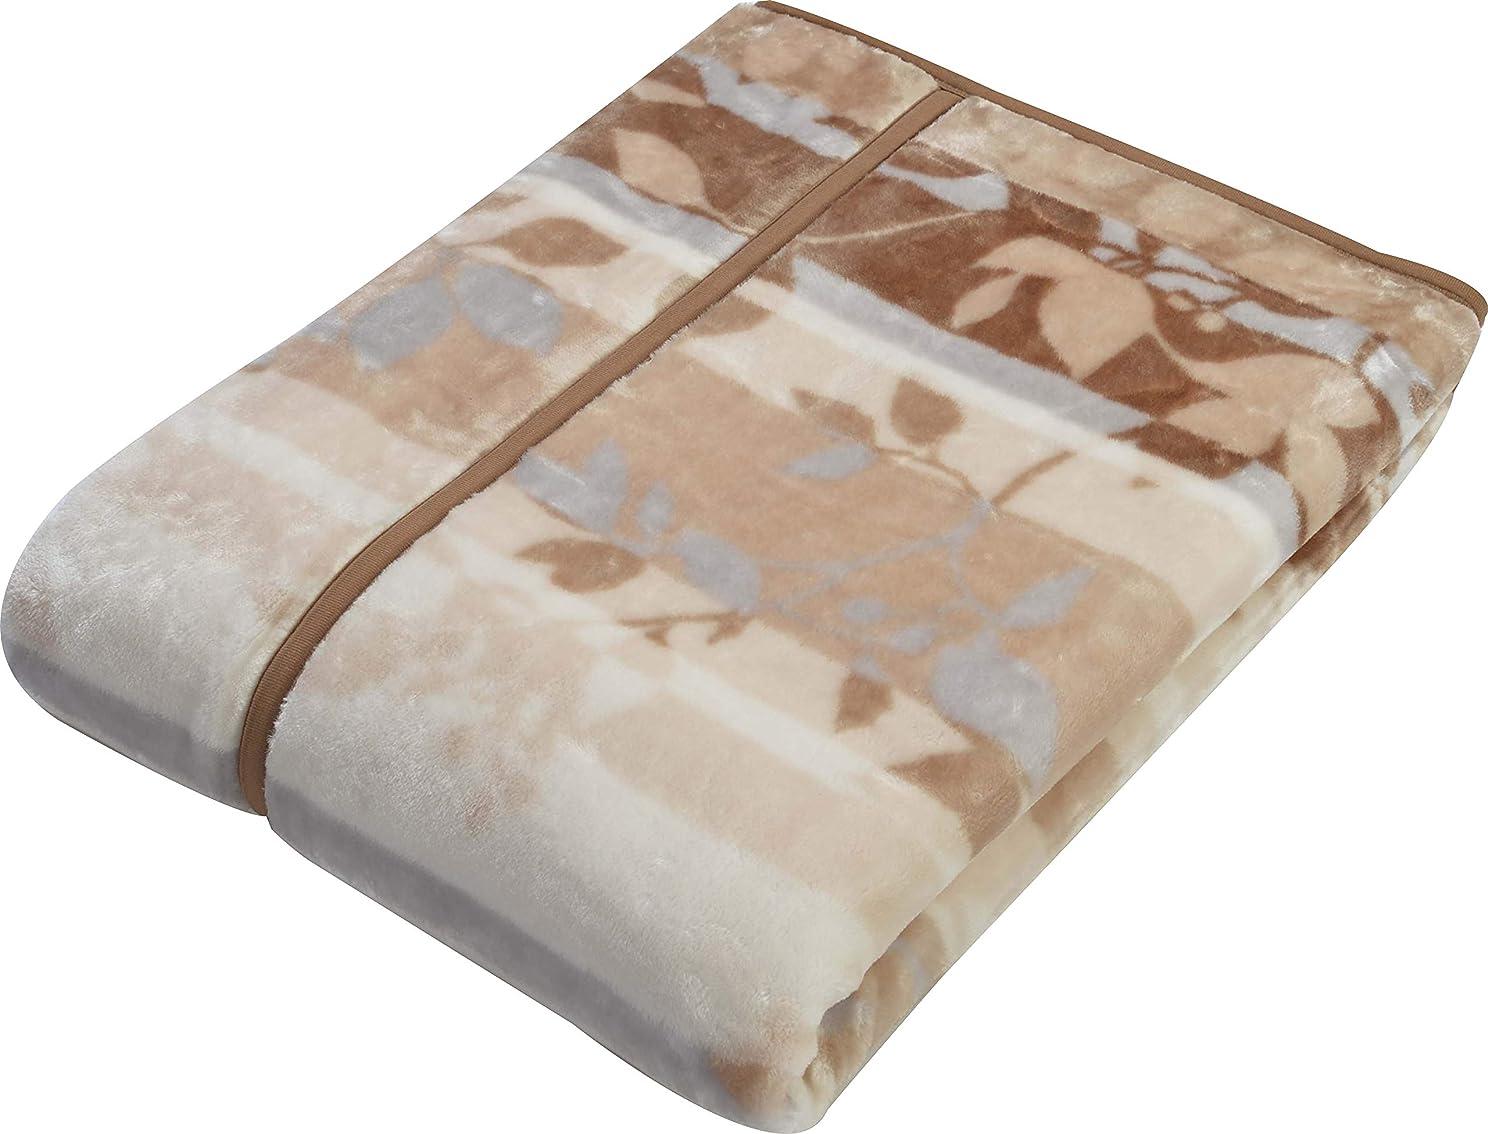 ましい特徴づける一握り西川(Nishikawa) 毛布 ベージュ ダブル 180×210cm 2枚合わせ 洗える 衿付き 両面プリント 2CQ5818D